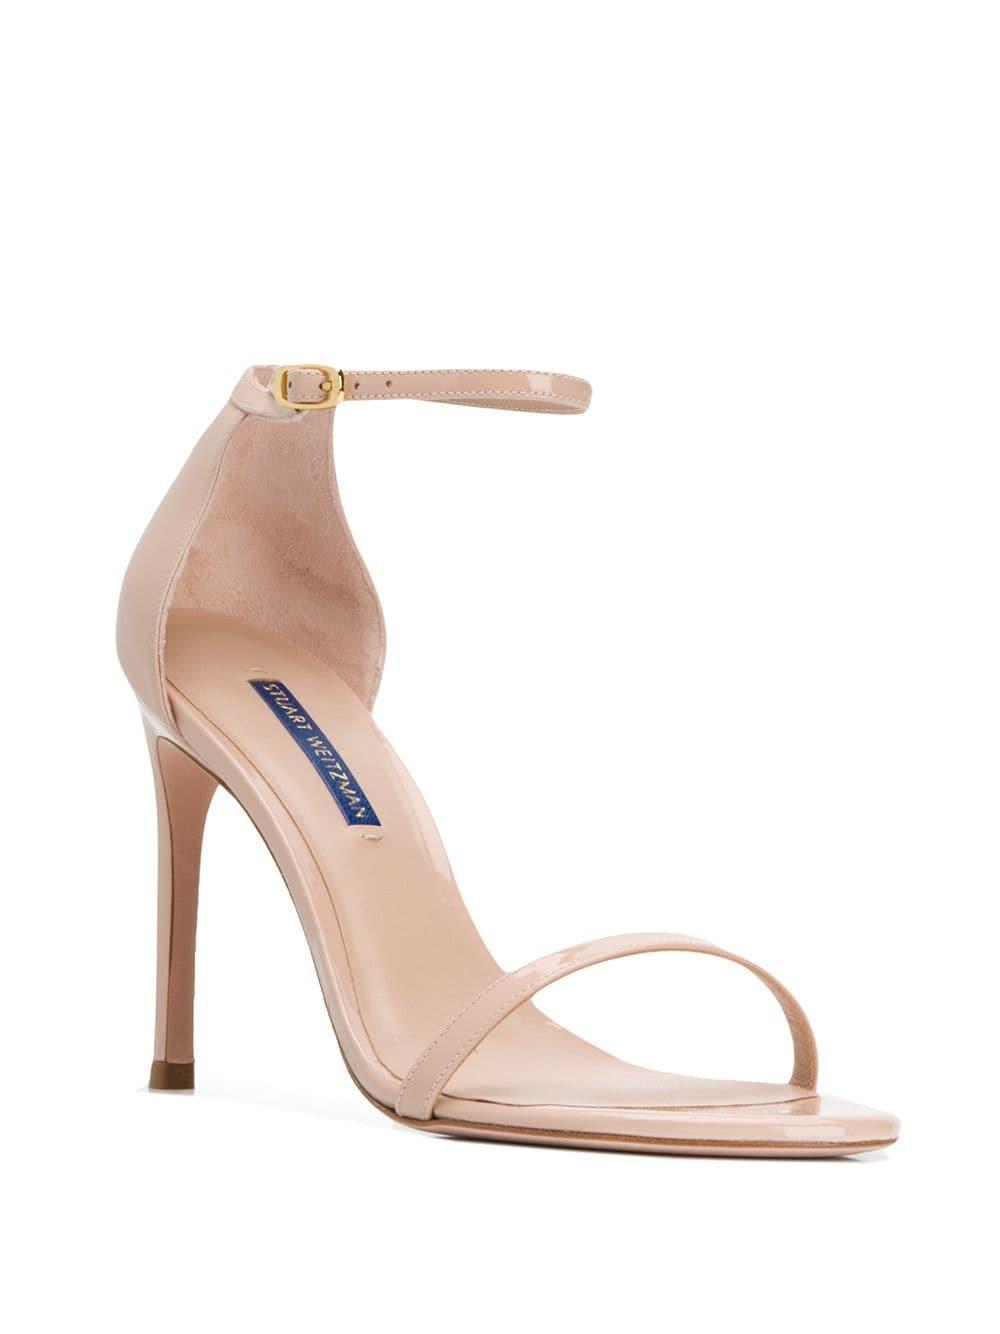 95e4699c3d17 Lyst - Stuart Weitzman Nudistsong High-heeled Sandals